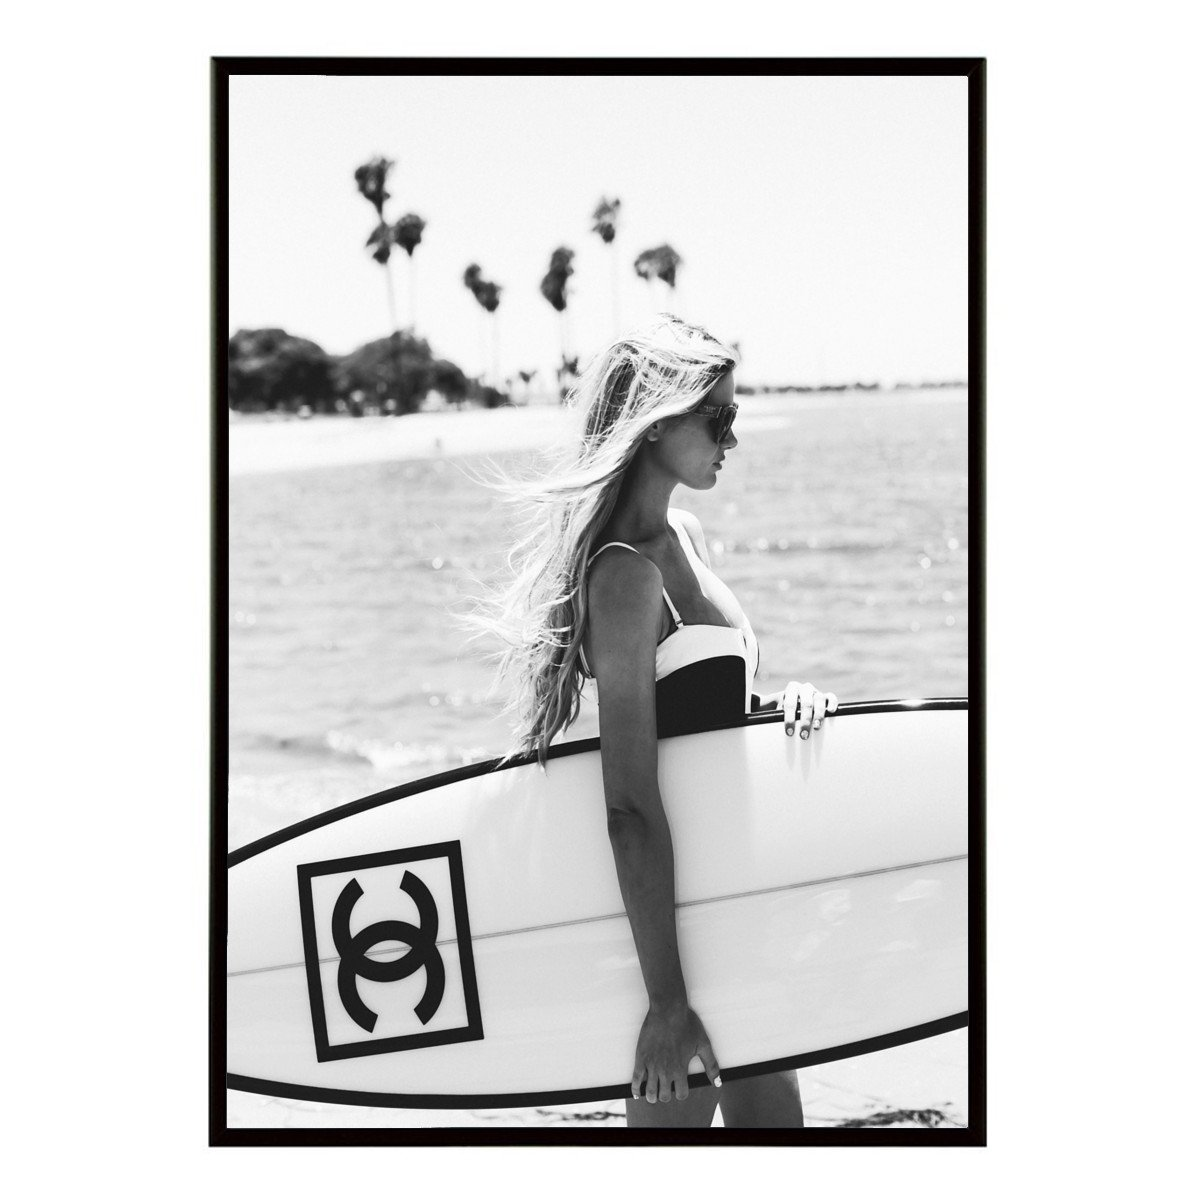 Aroma of Paris アートポスター おしゃれ インテリア 北欧 モノクロ アート #004 B3 ホワイトフレーム B0795GBMXM B3 (364 x 515mm)|ホワイトフレーム ホワイトフレーム B3 (364 x 515mm)